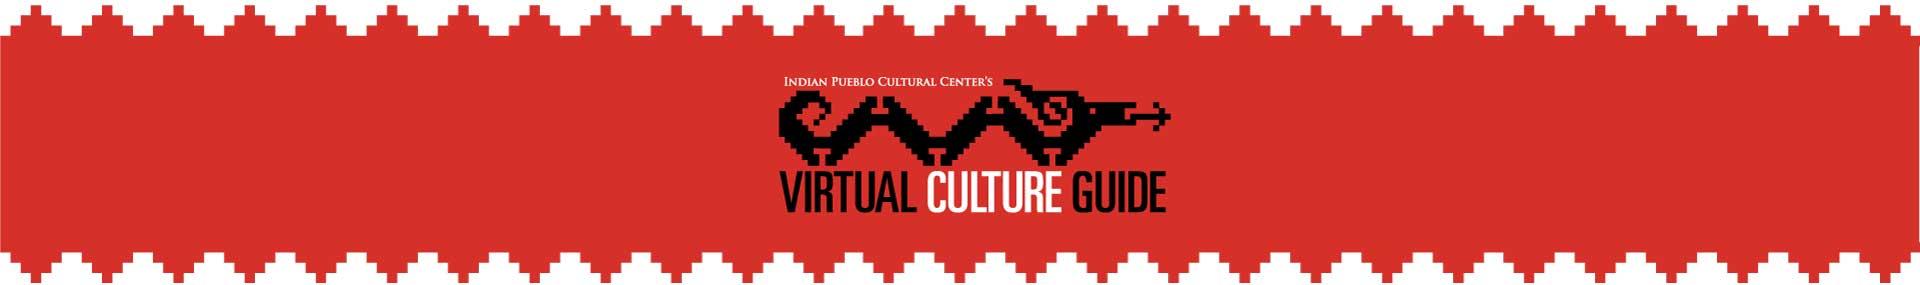 IPCC Virtual Culture Guide